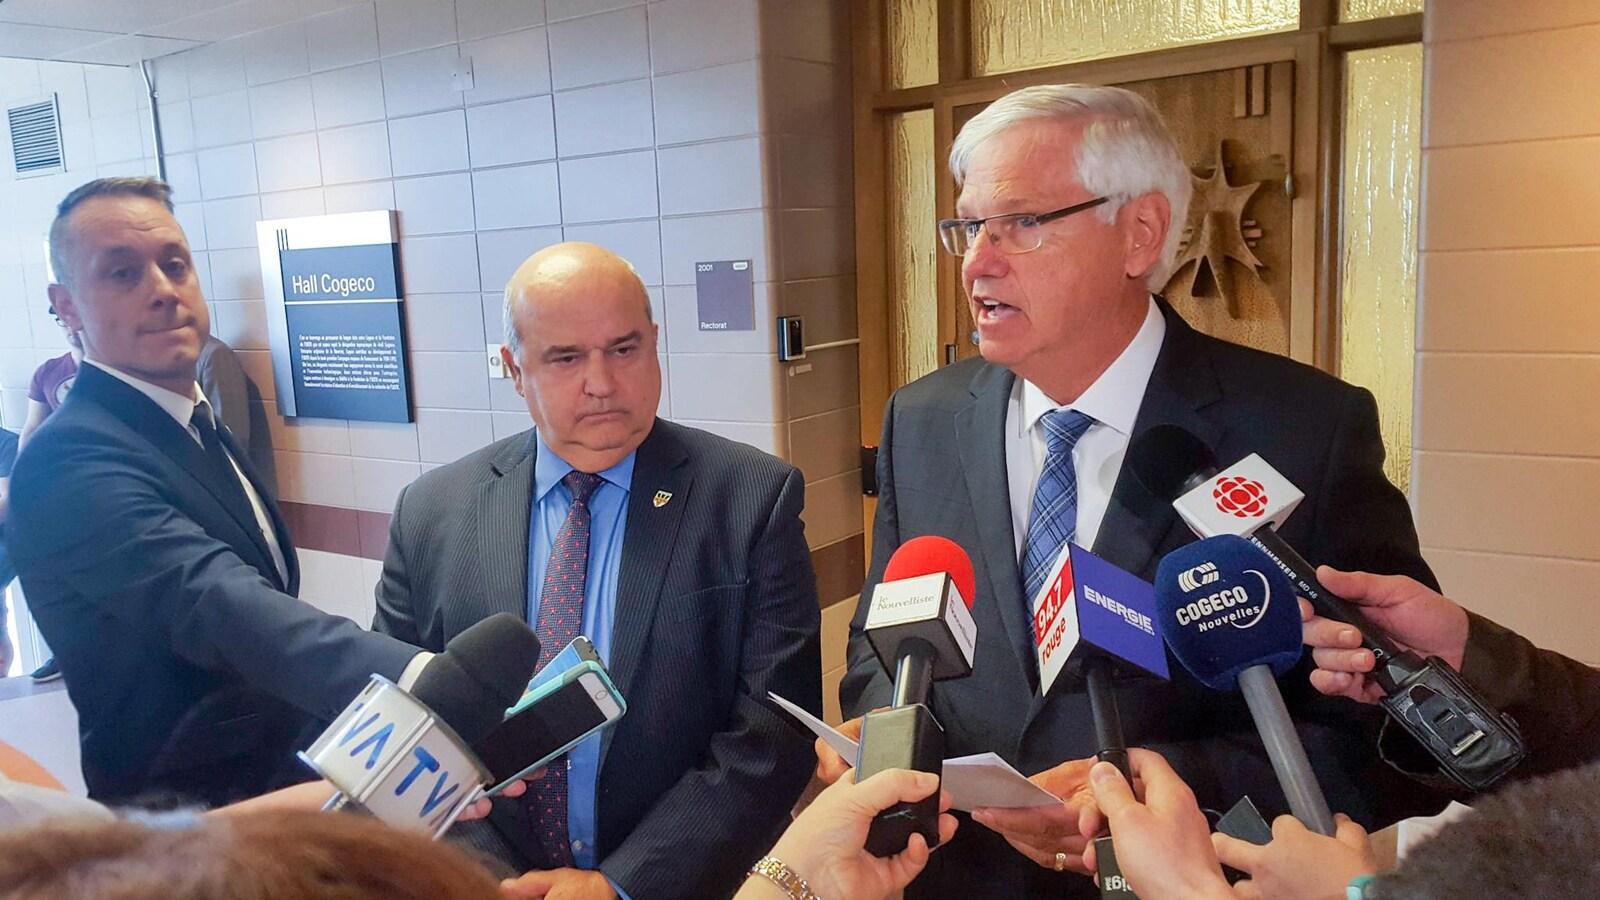 Le président du conseil d'administration de l'Université du Québec à Trois-Rivières (UQTR), Robert Ricard, et le recteur de l'Université, Daniel McMahon.